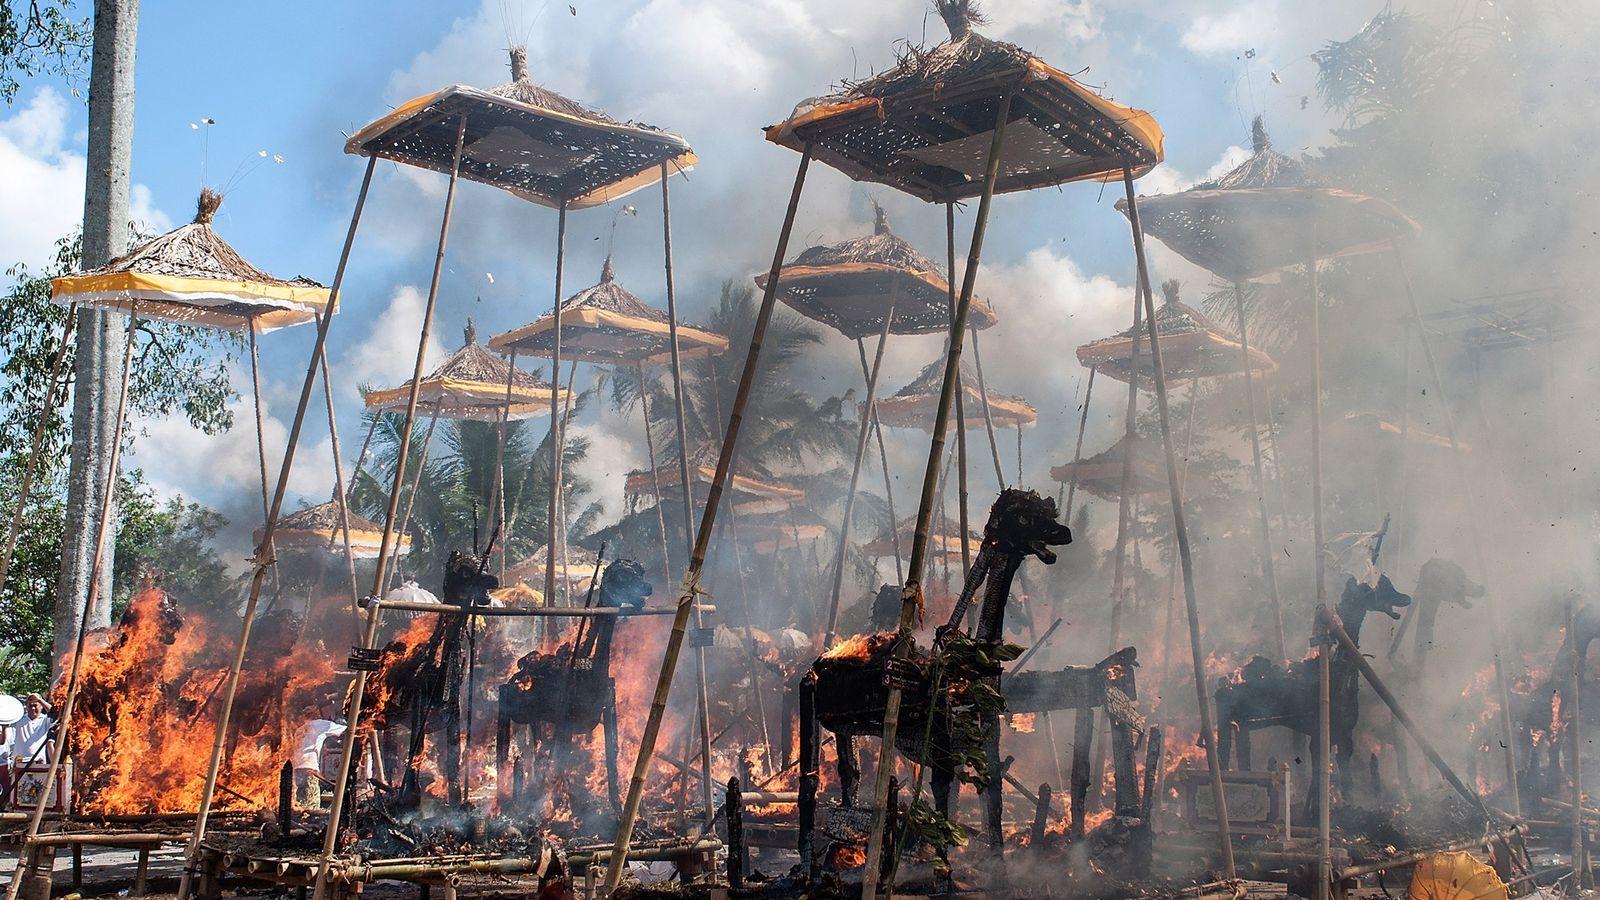 Sarcófagos ardiendo en un evento masivo de cremación tradicional hindú el 18 de agosto de 2013 ...